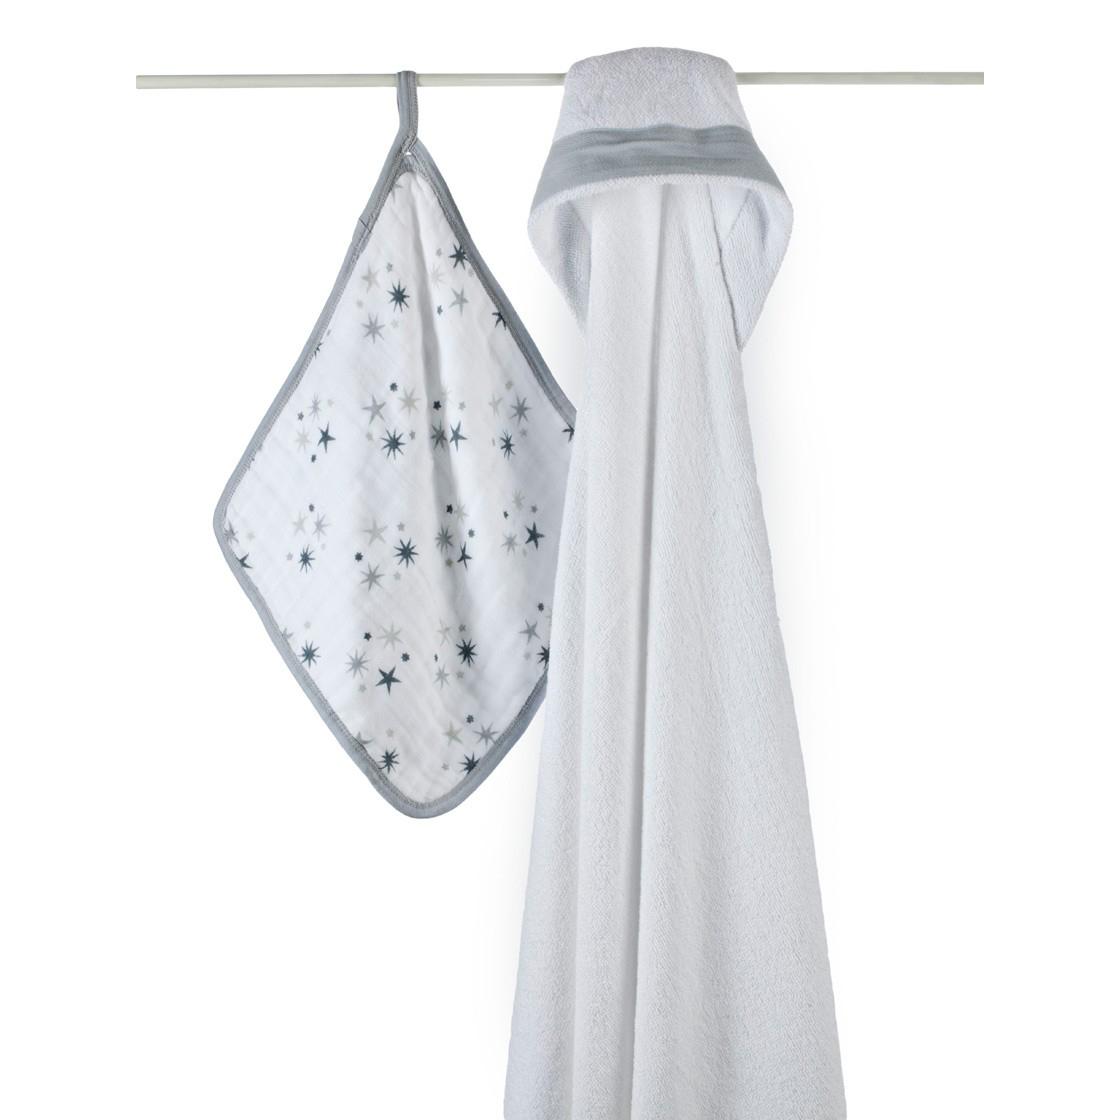 cape de bain et gant aden anais etoiles paquet. Black Bedroom Furniture Sets. Home Design Ideas